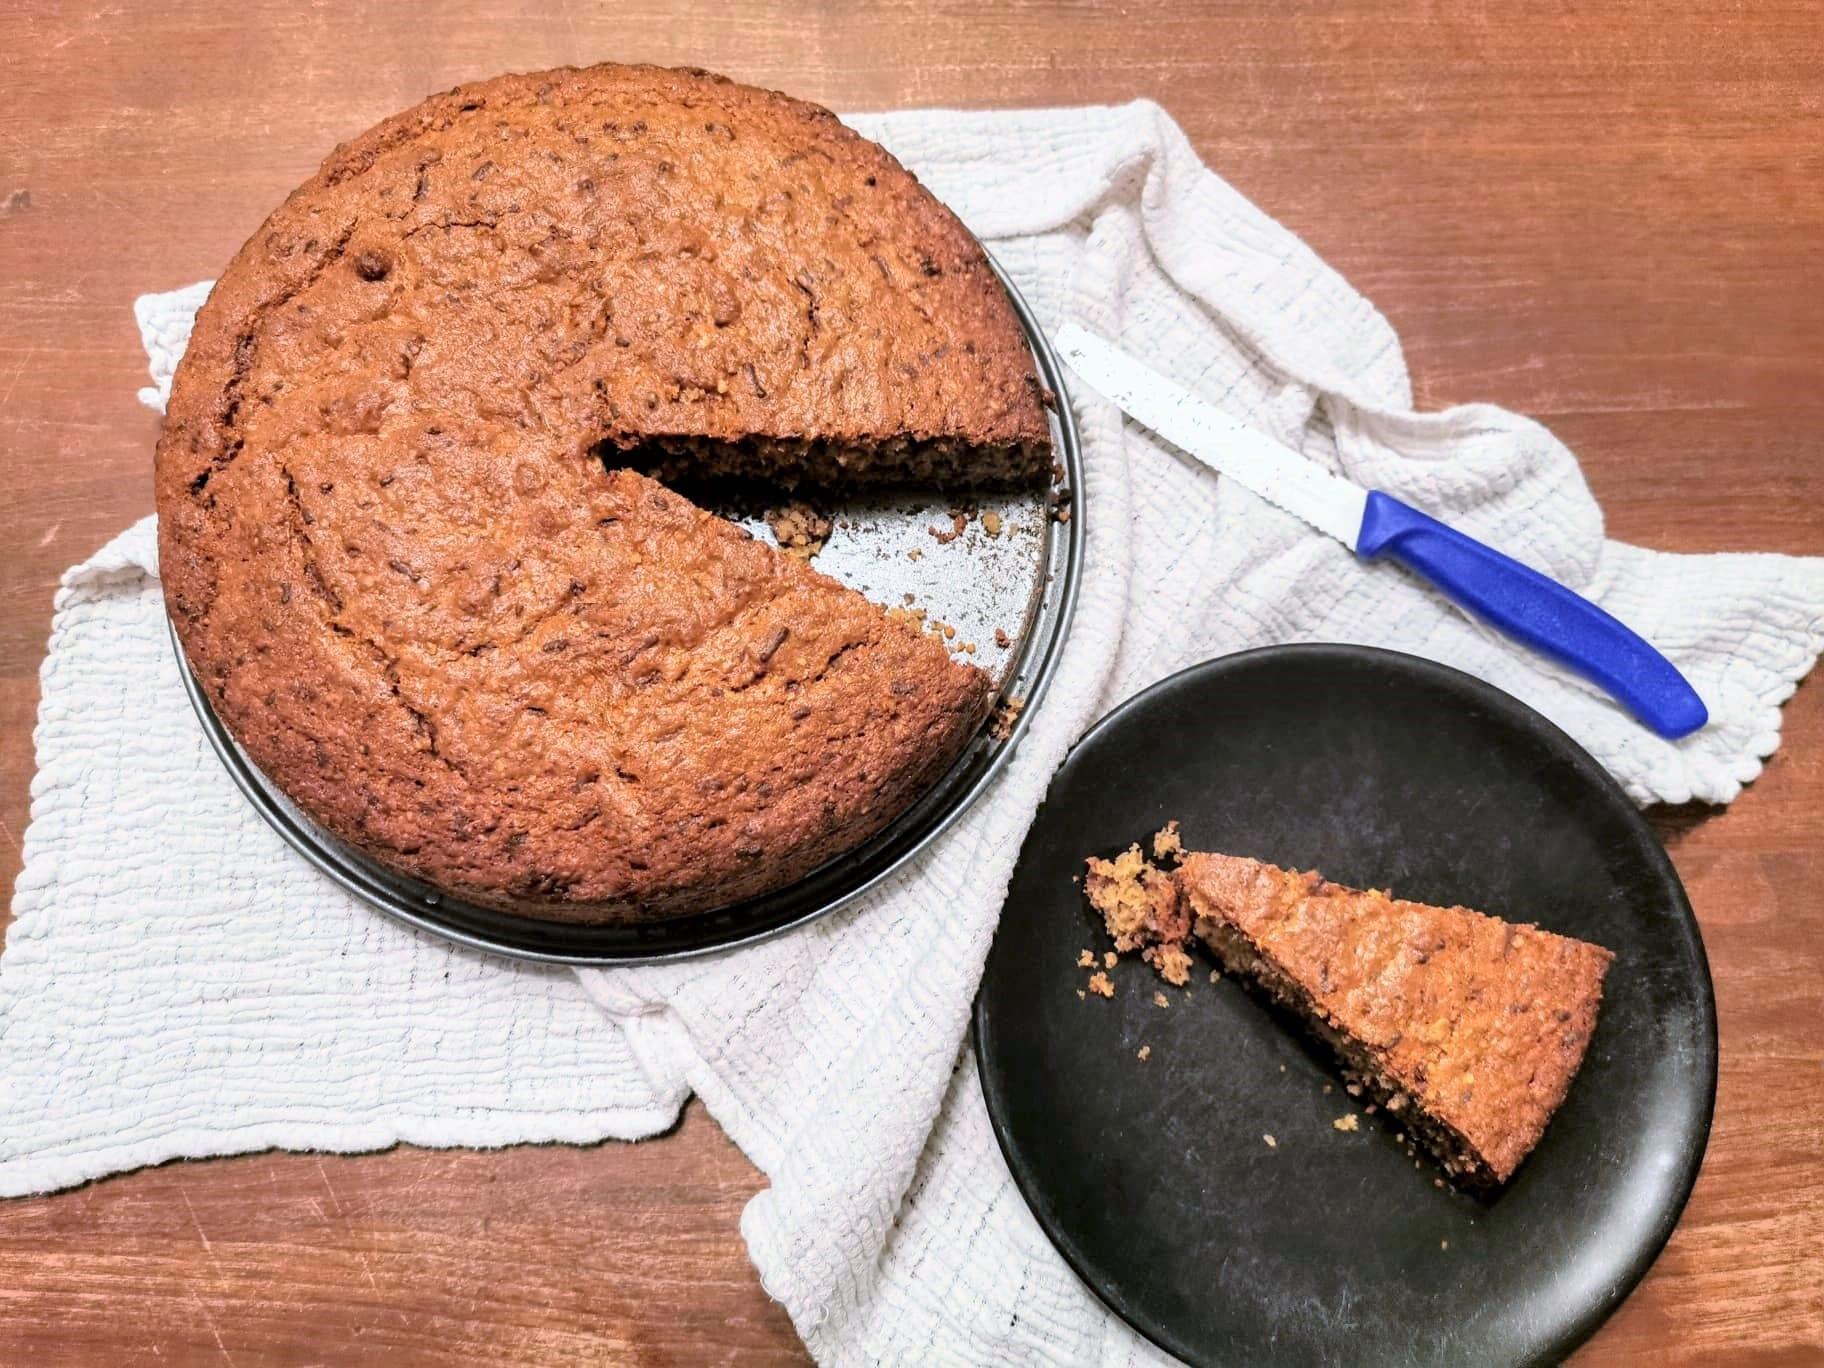 Kuchen Springform Kuchenstück Essen zuckerfrei